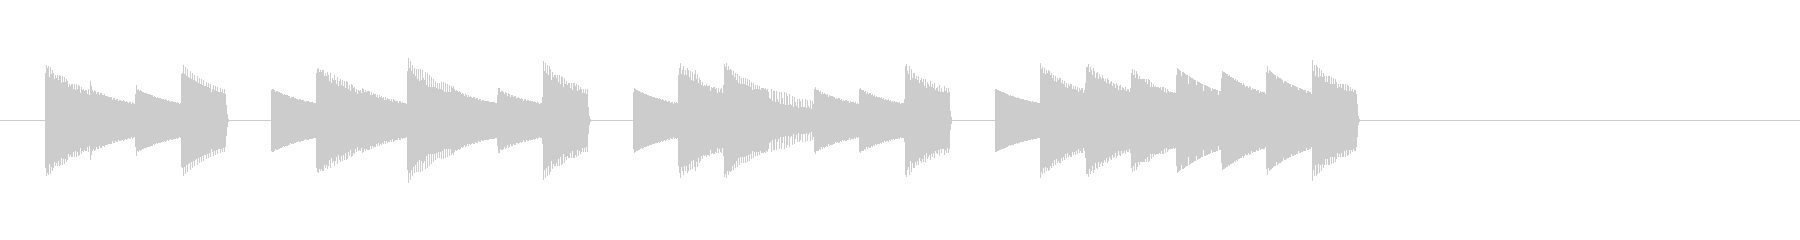 ゲームサウンドをイメージした短いジングルの未再生の波形